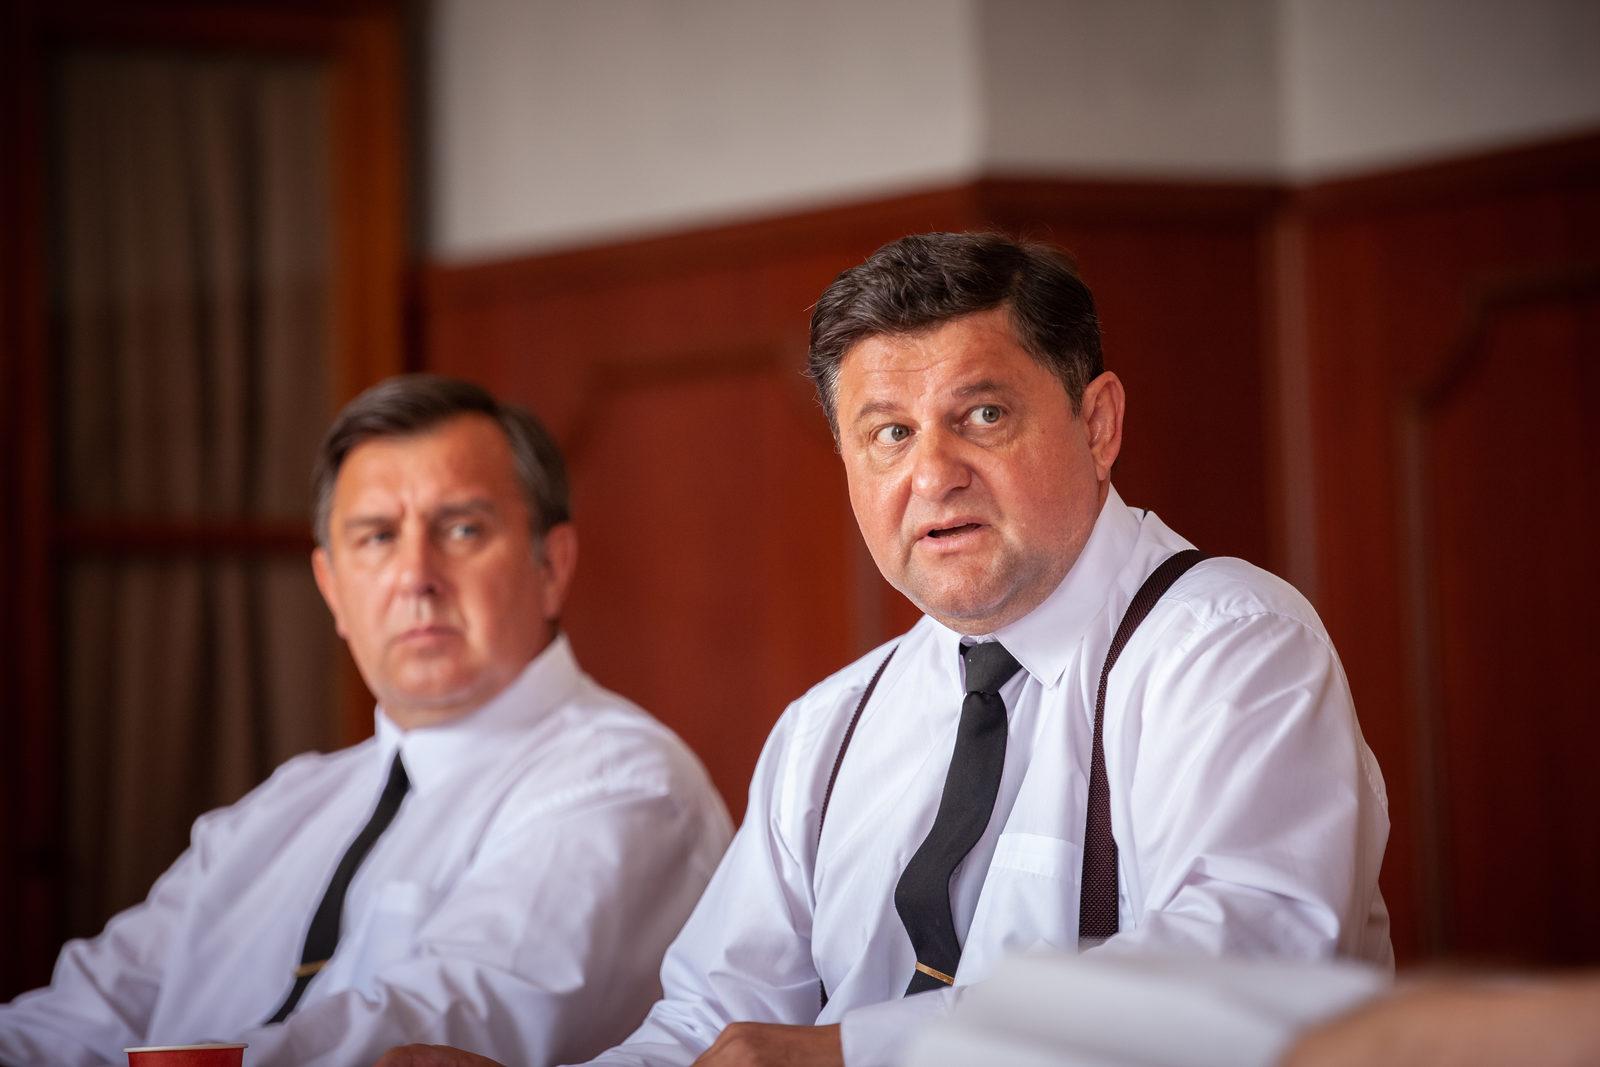 Александр Самойленко в роли Михаила Шахновича в сцене из сериала